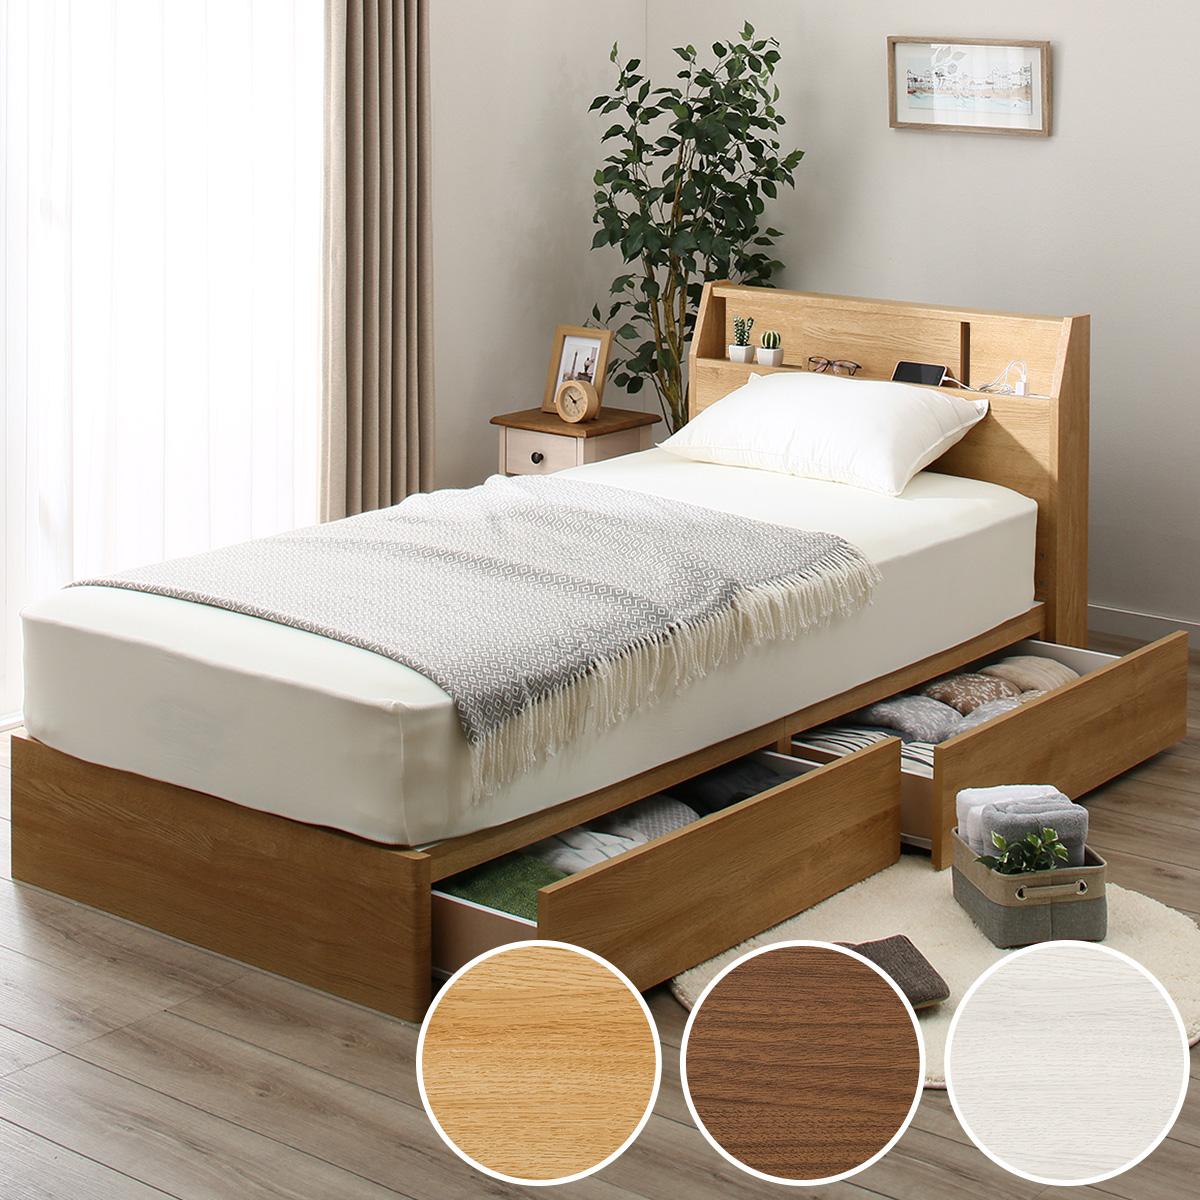 やさしい木目調でお部屋にも合わせやすい収納 照明 コンセントが付いた便利なベッドフレームです 幅97cm シングルベッドフレーム アザン3 アサヒキ25 メーカー公式 配送員設置 信憑 ニトリ シングル 収納付きベッド ベッドフレーム 5年保証 ベッド